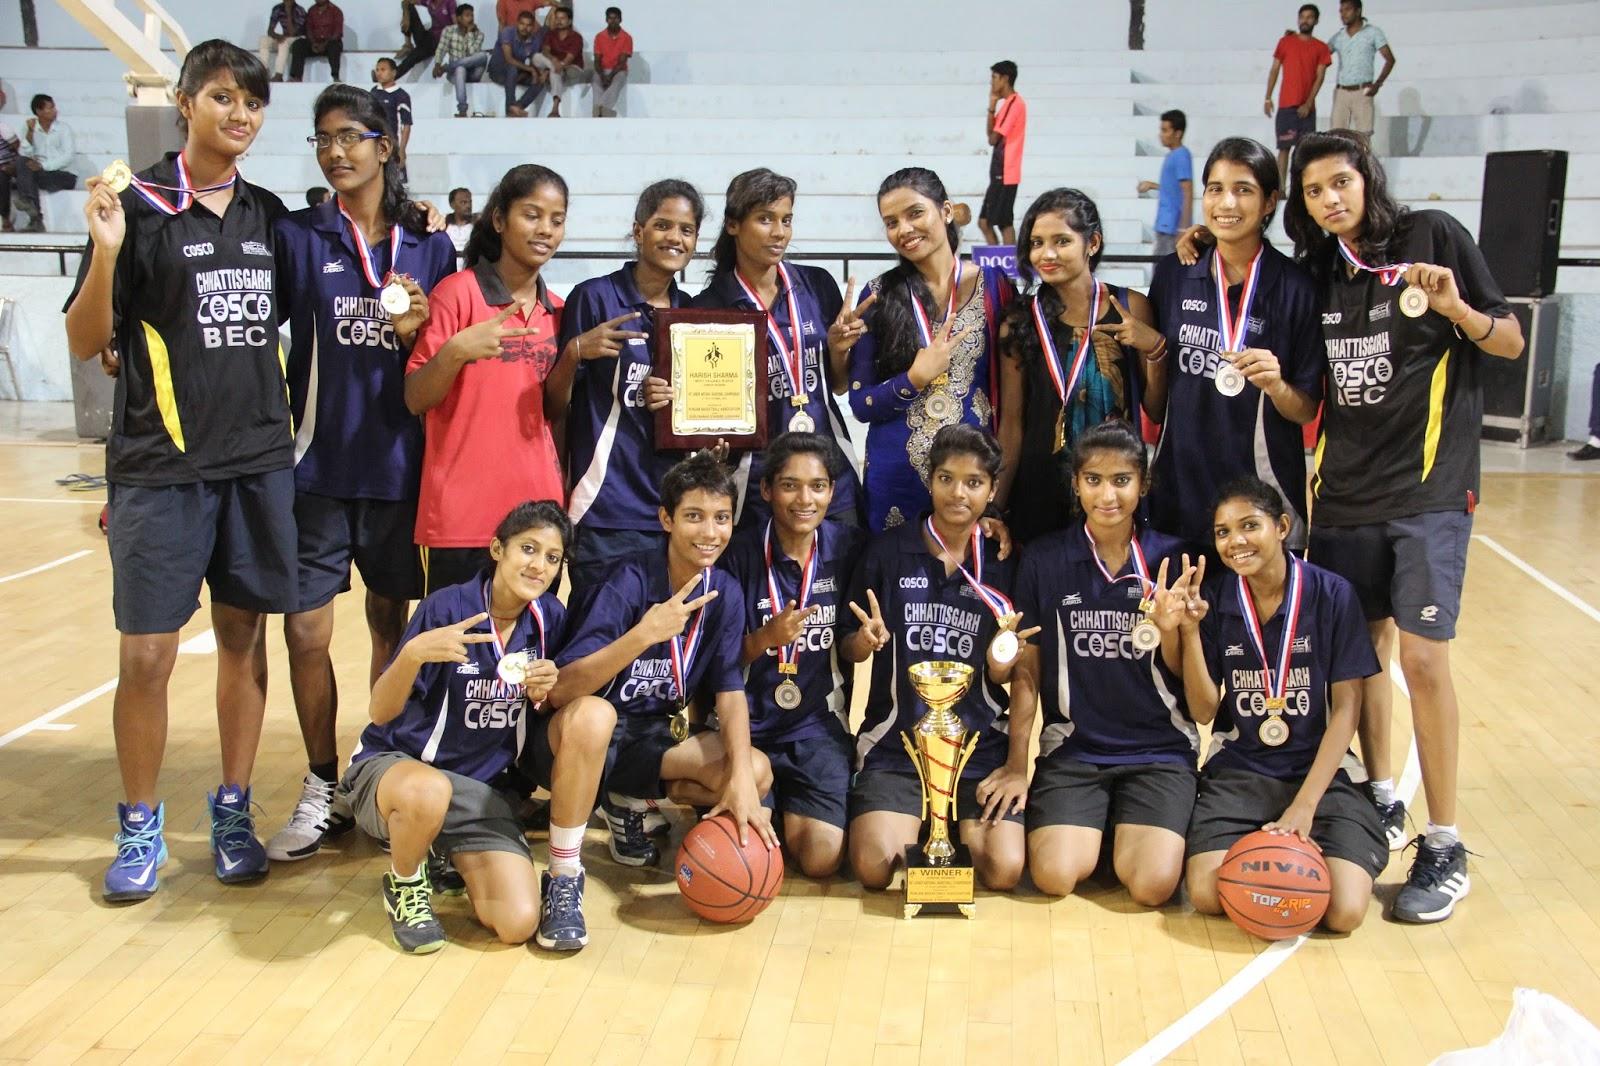 खेलो इंडिया स्कूल गेम्स (बास्केटबॉल) : पंजाब के लड़के, केरल की लड़कियां चैम्पियन 1